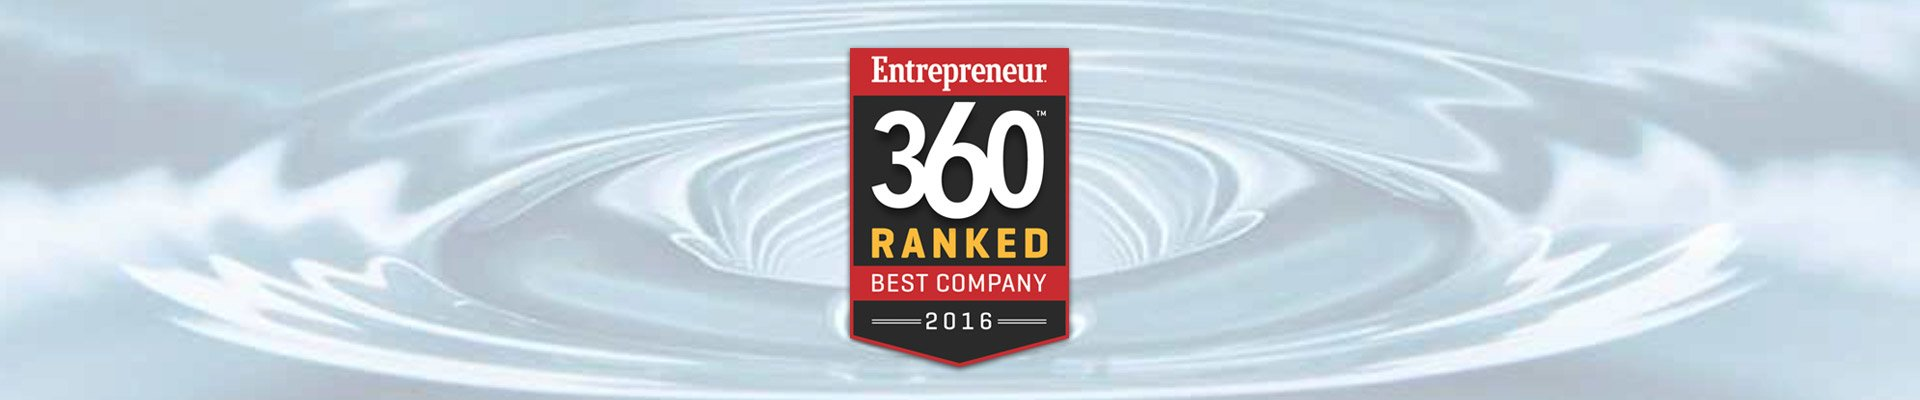 Entrepreneur 360